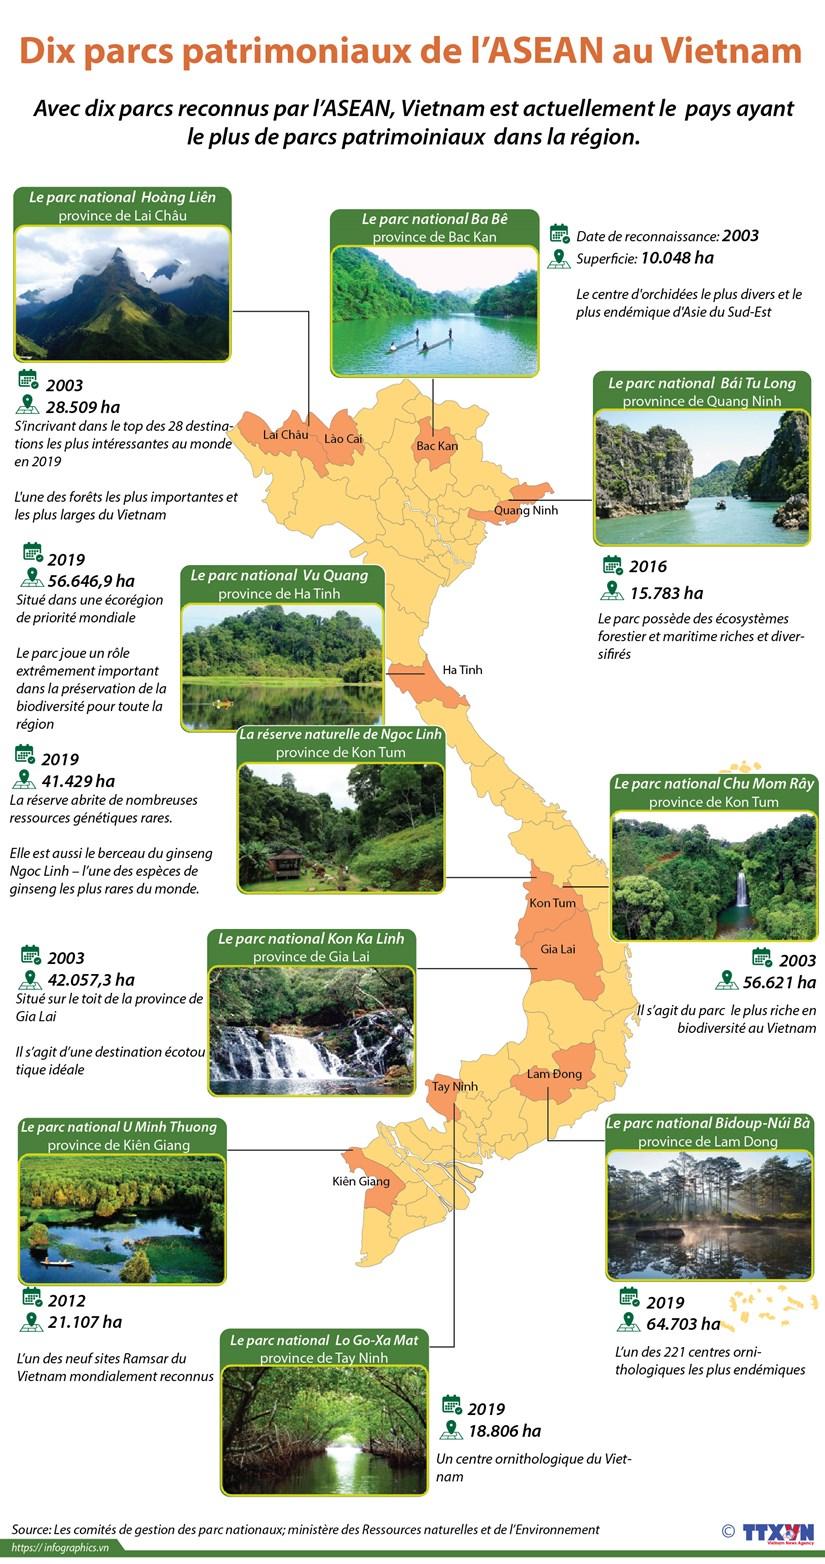 Dix parcs patrimoniaux de l'ASEAN au Vietnam hinh anh 1